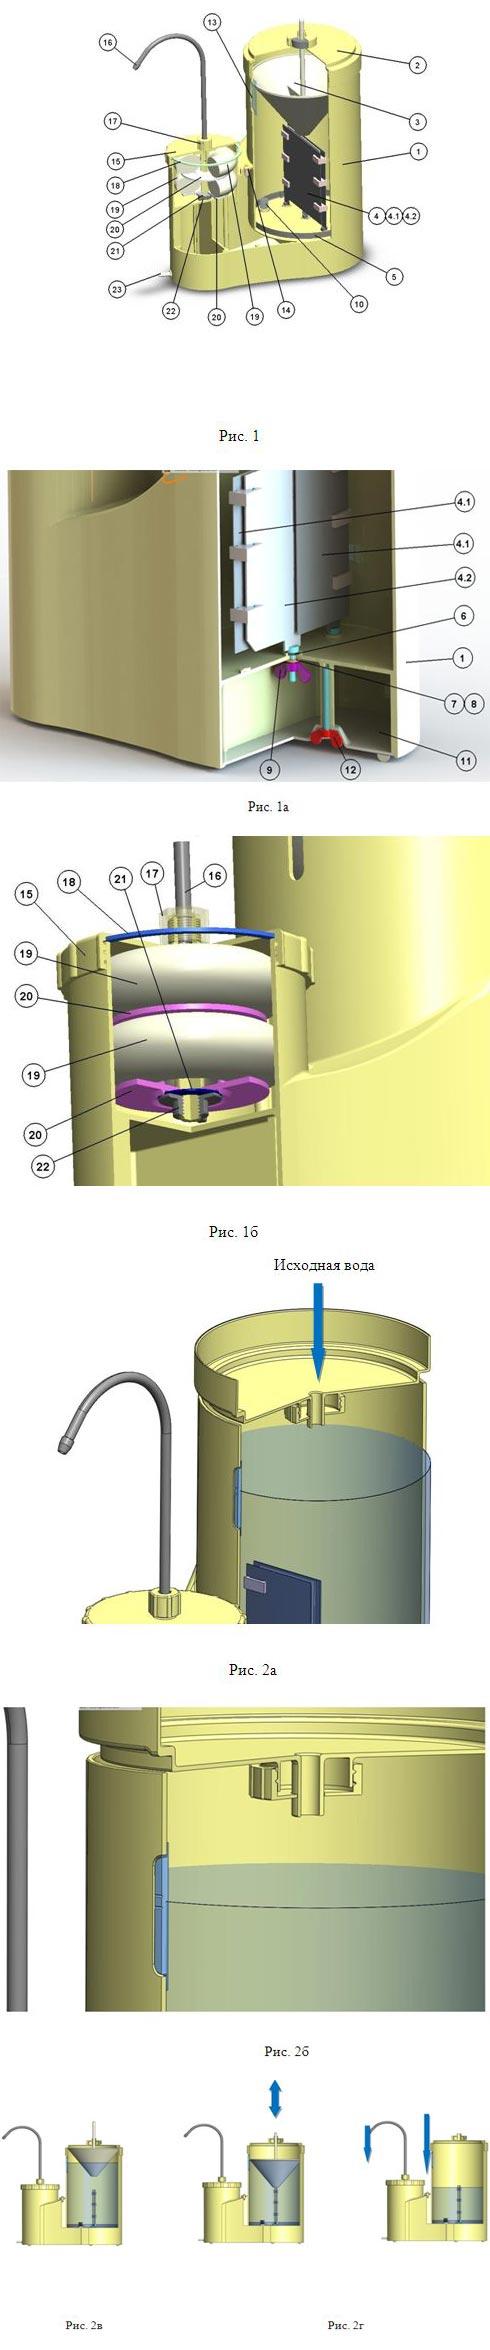 Устройство очистки питьевой воды ПВВК 1 - питьевая вода высокого качества